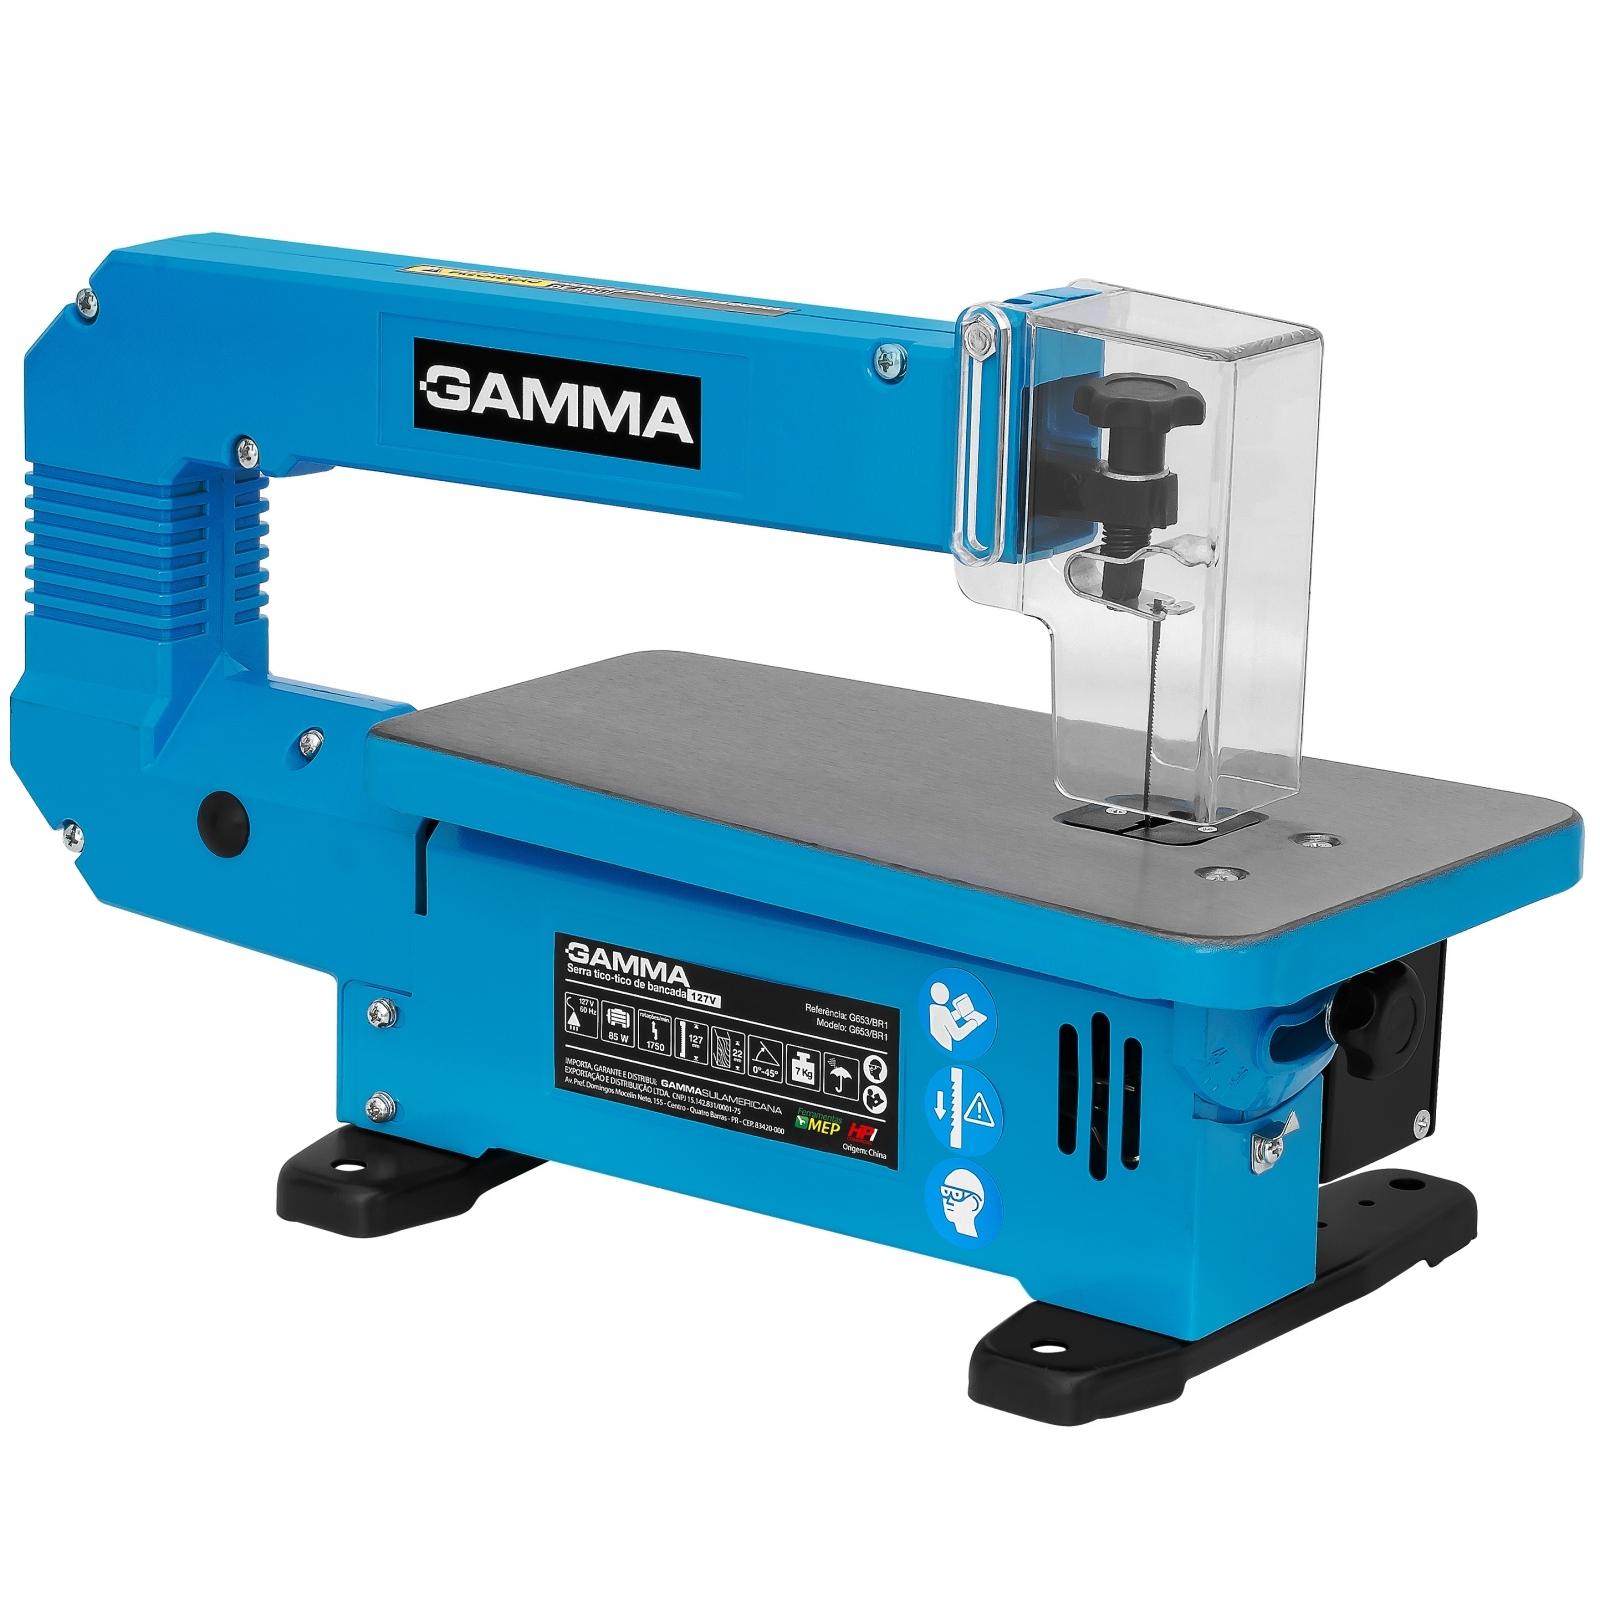 Serra Tico-Tico De Bancada Gamma G653 85w 110v - Ferramentas MEP